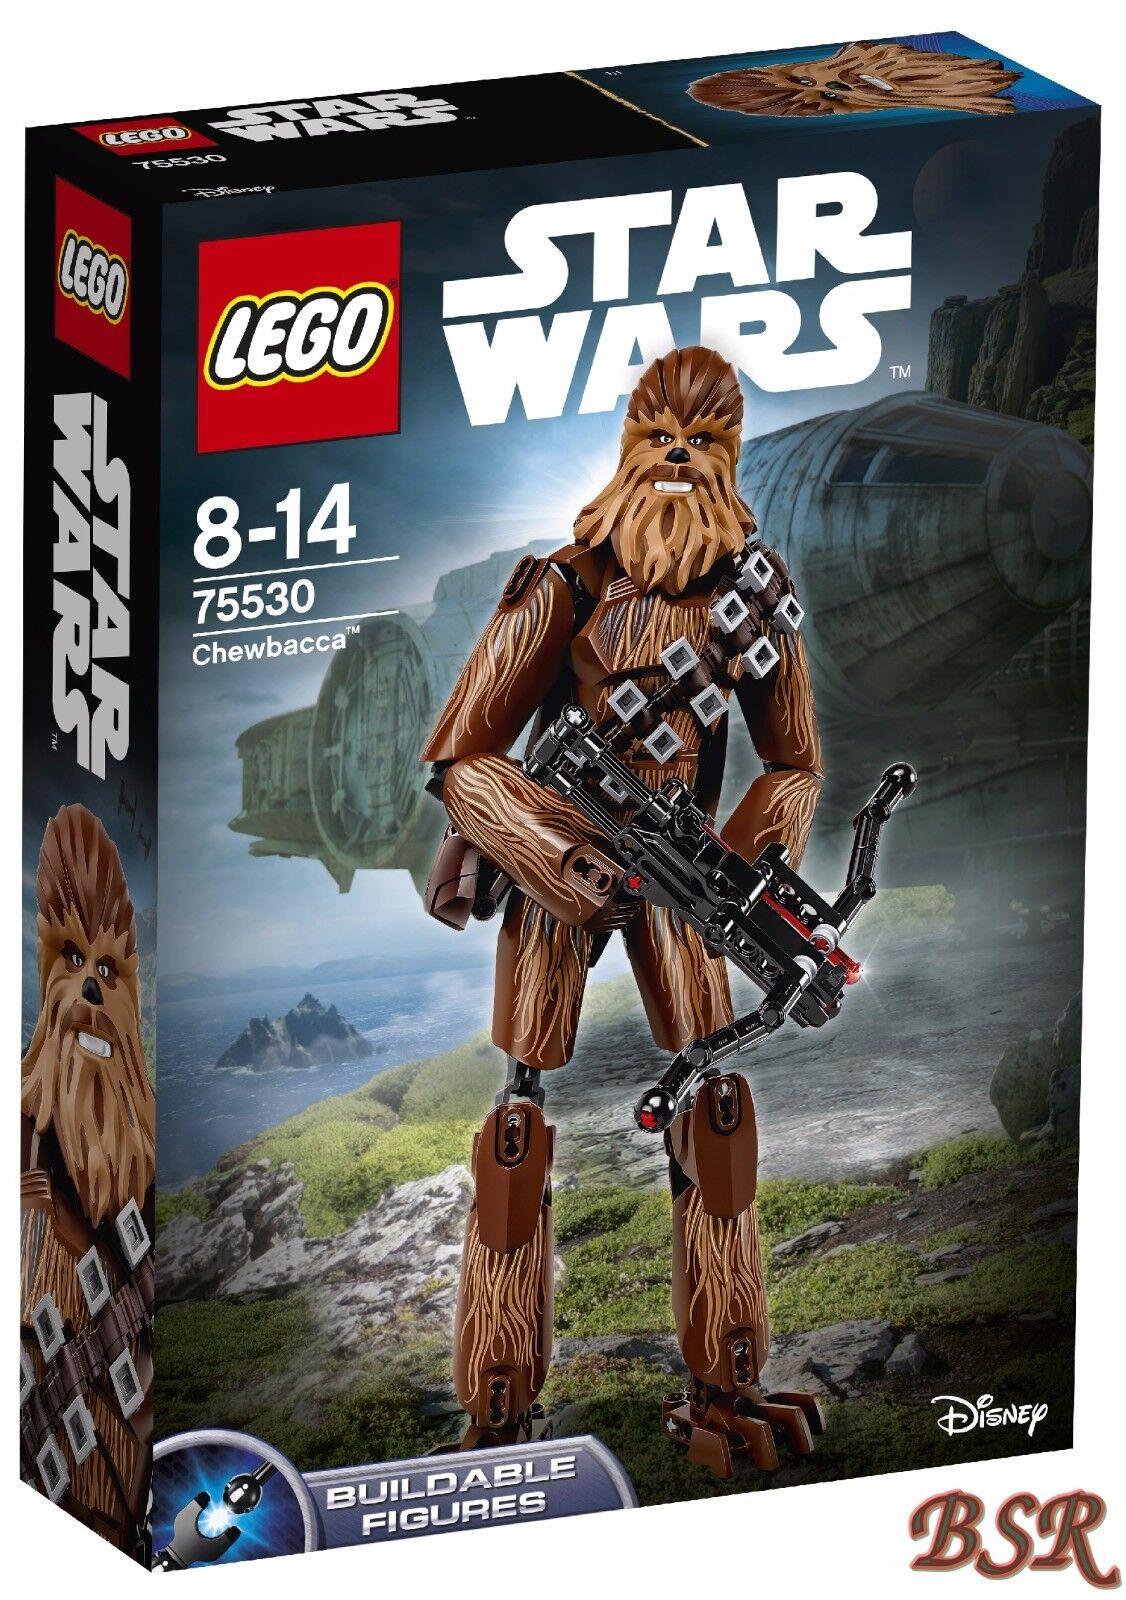 LEGO ® Star Wars ™  75530 Chewbacca ™ & 0. - expédition & NOUVEAU & NEUF dans sa boîte